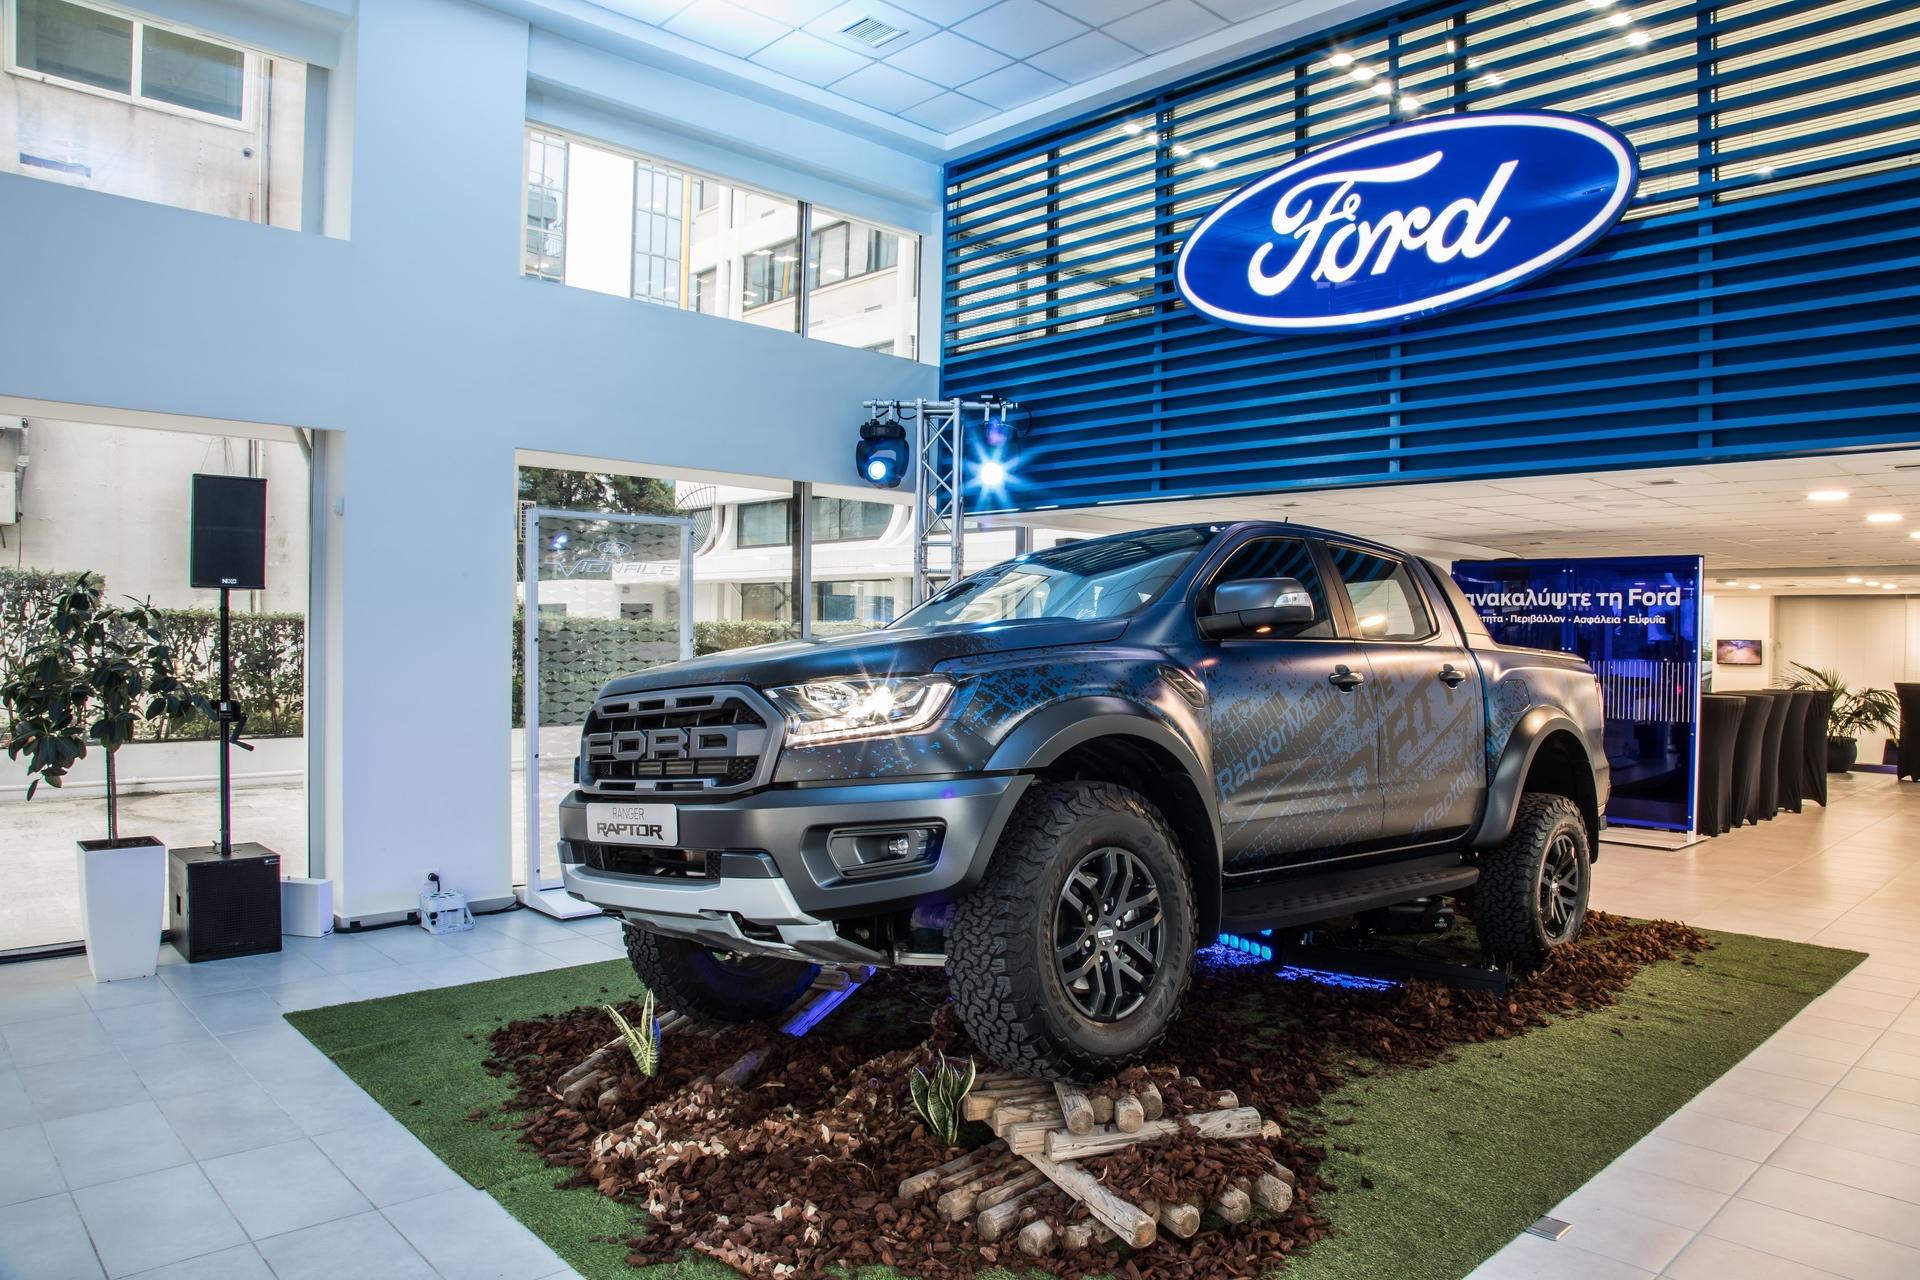 Ford_Ranger_Raptor_greek_resentation_0007